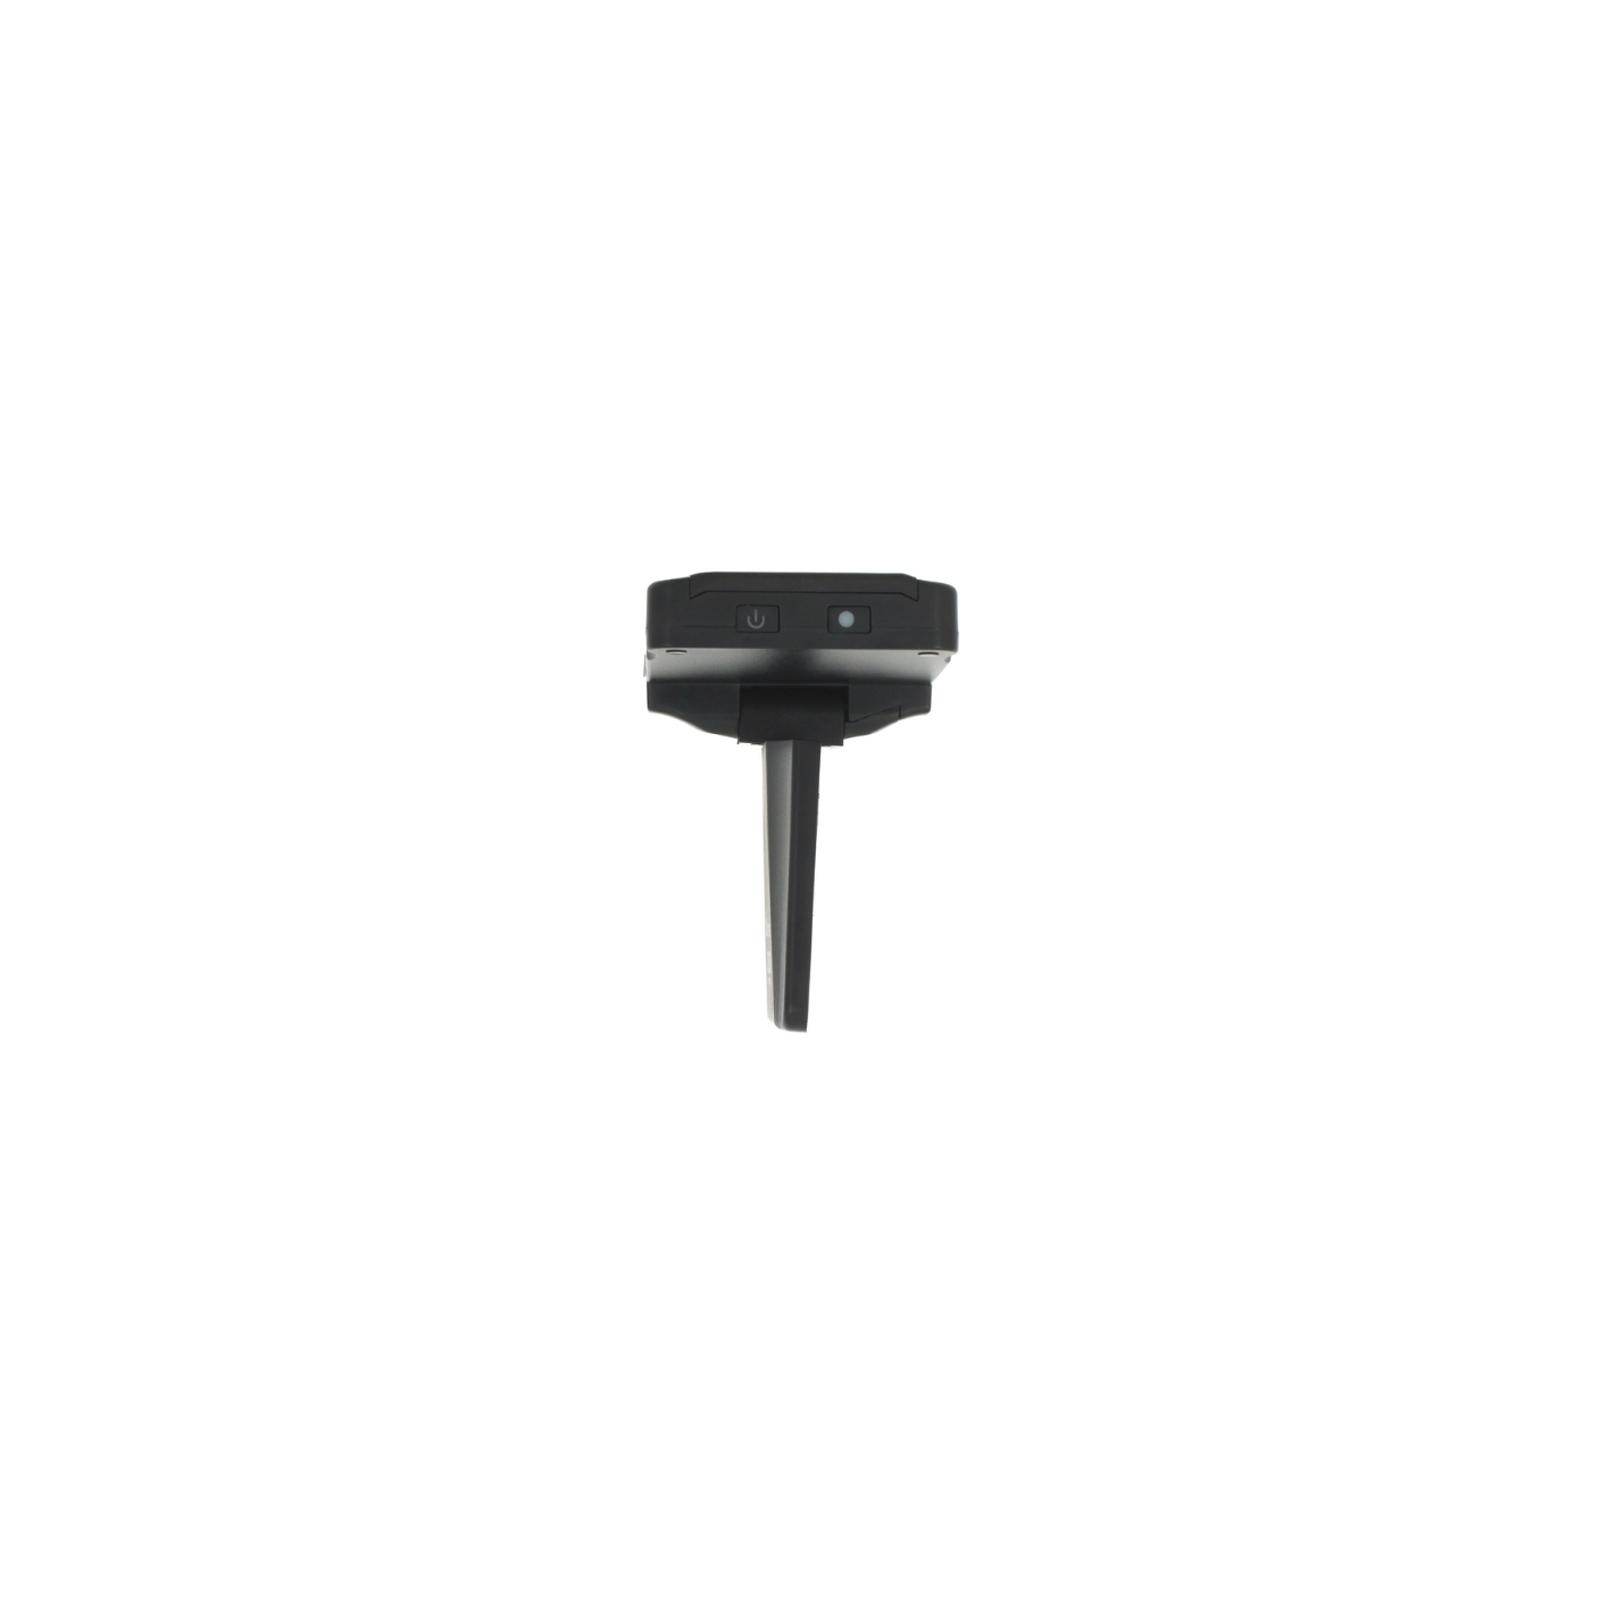 Видеорегистратор Defender Car vision 2020 HD изображение 3